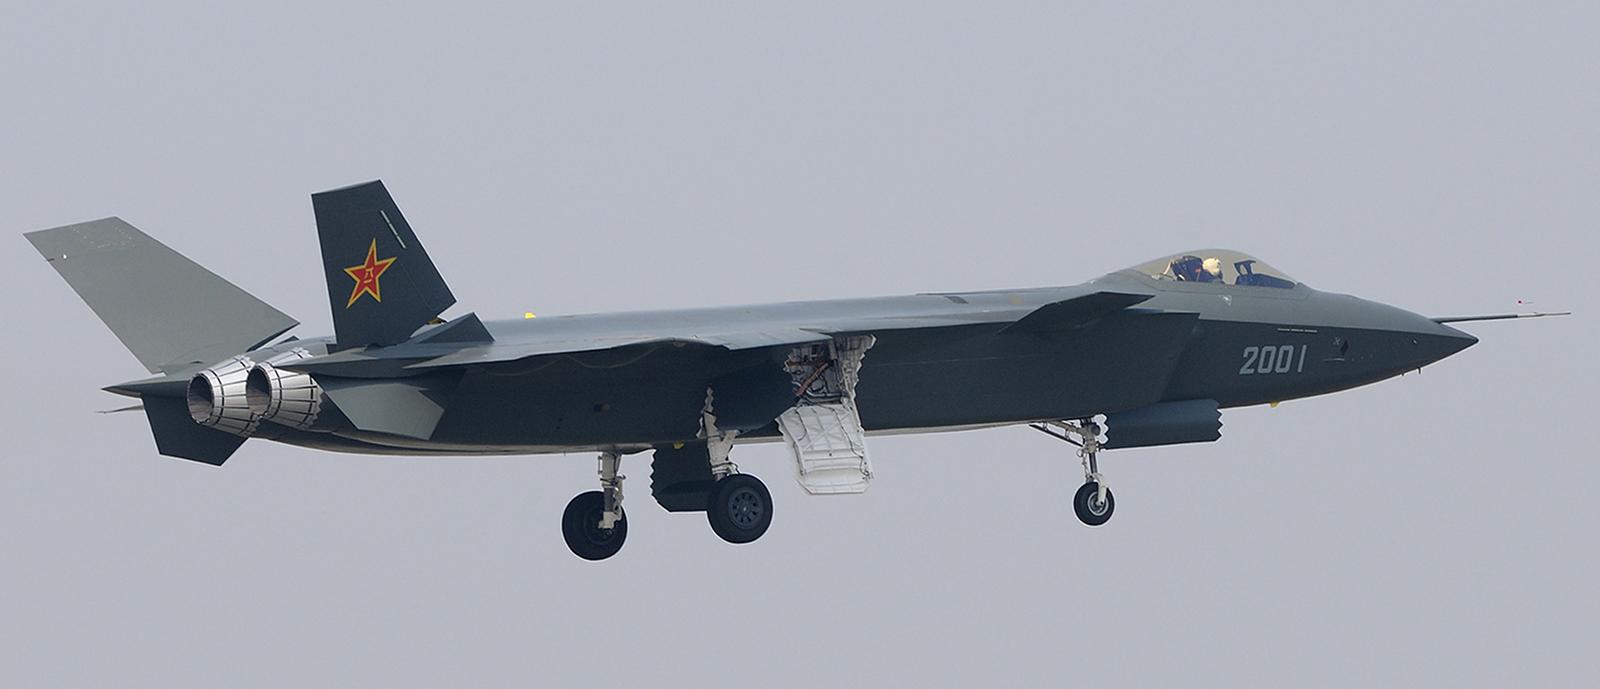 Foros de Internet publican supuestas fotos de segundo avión chino de quinta generación Chengdu-J-XX-VLO-Prototype-41S